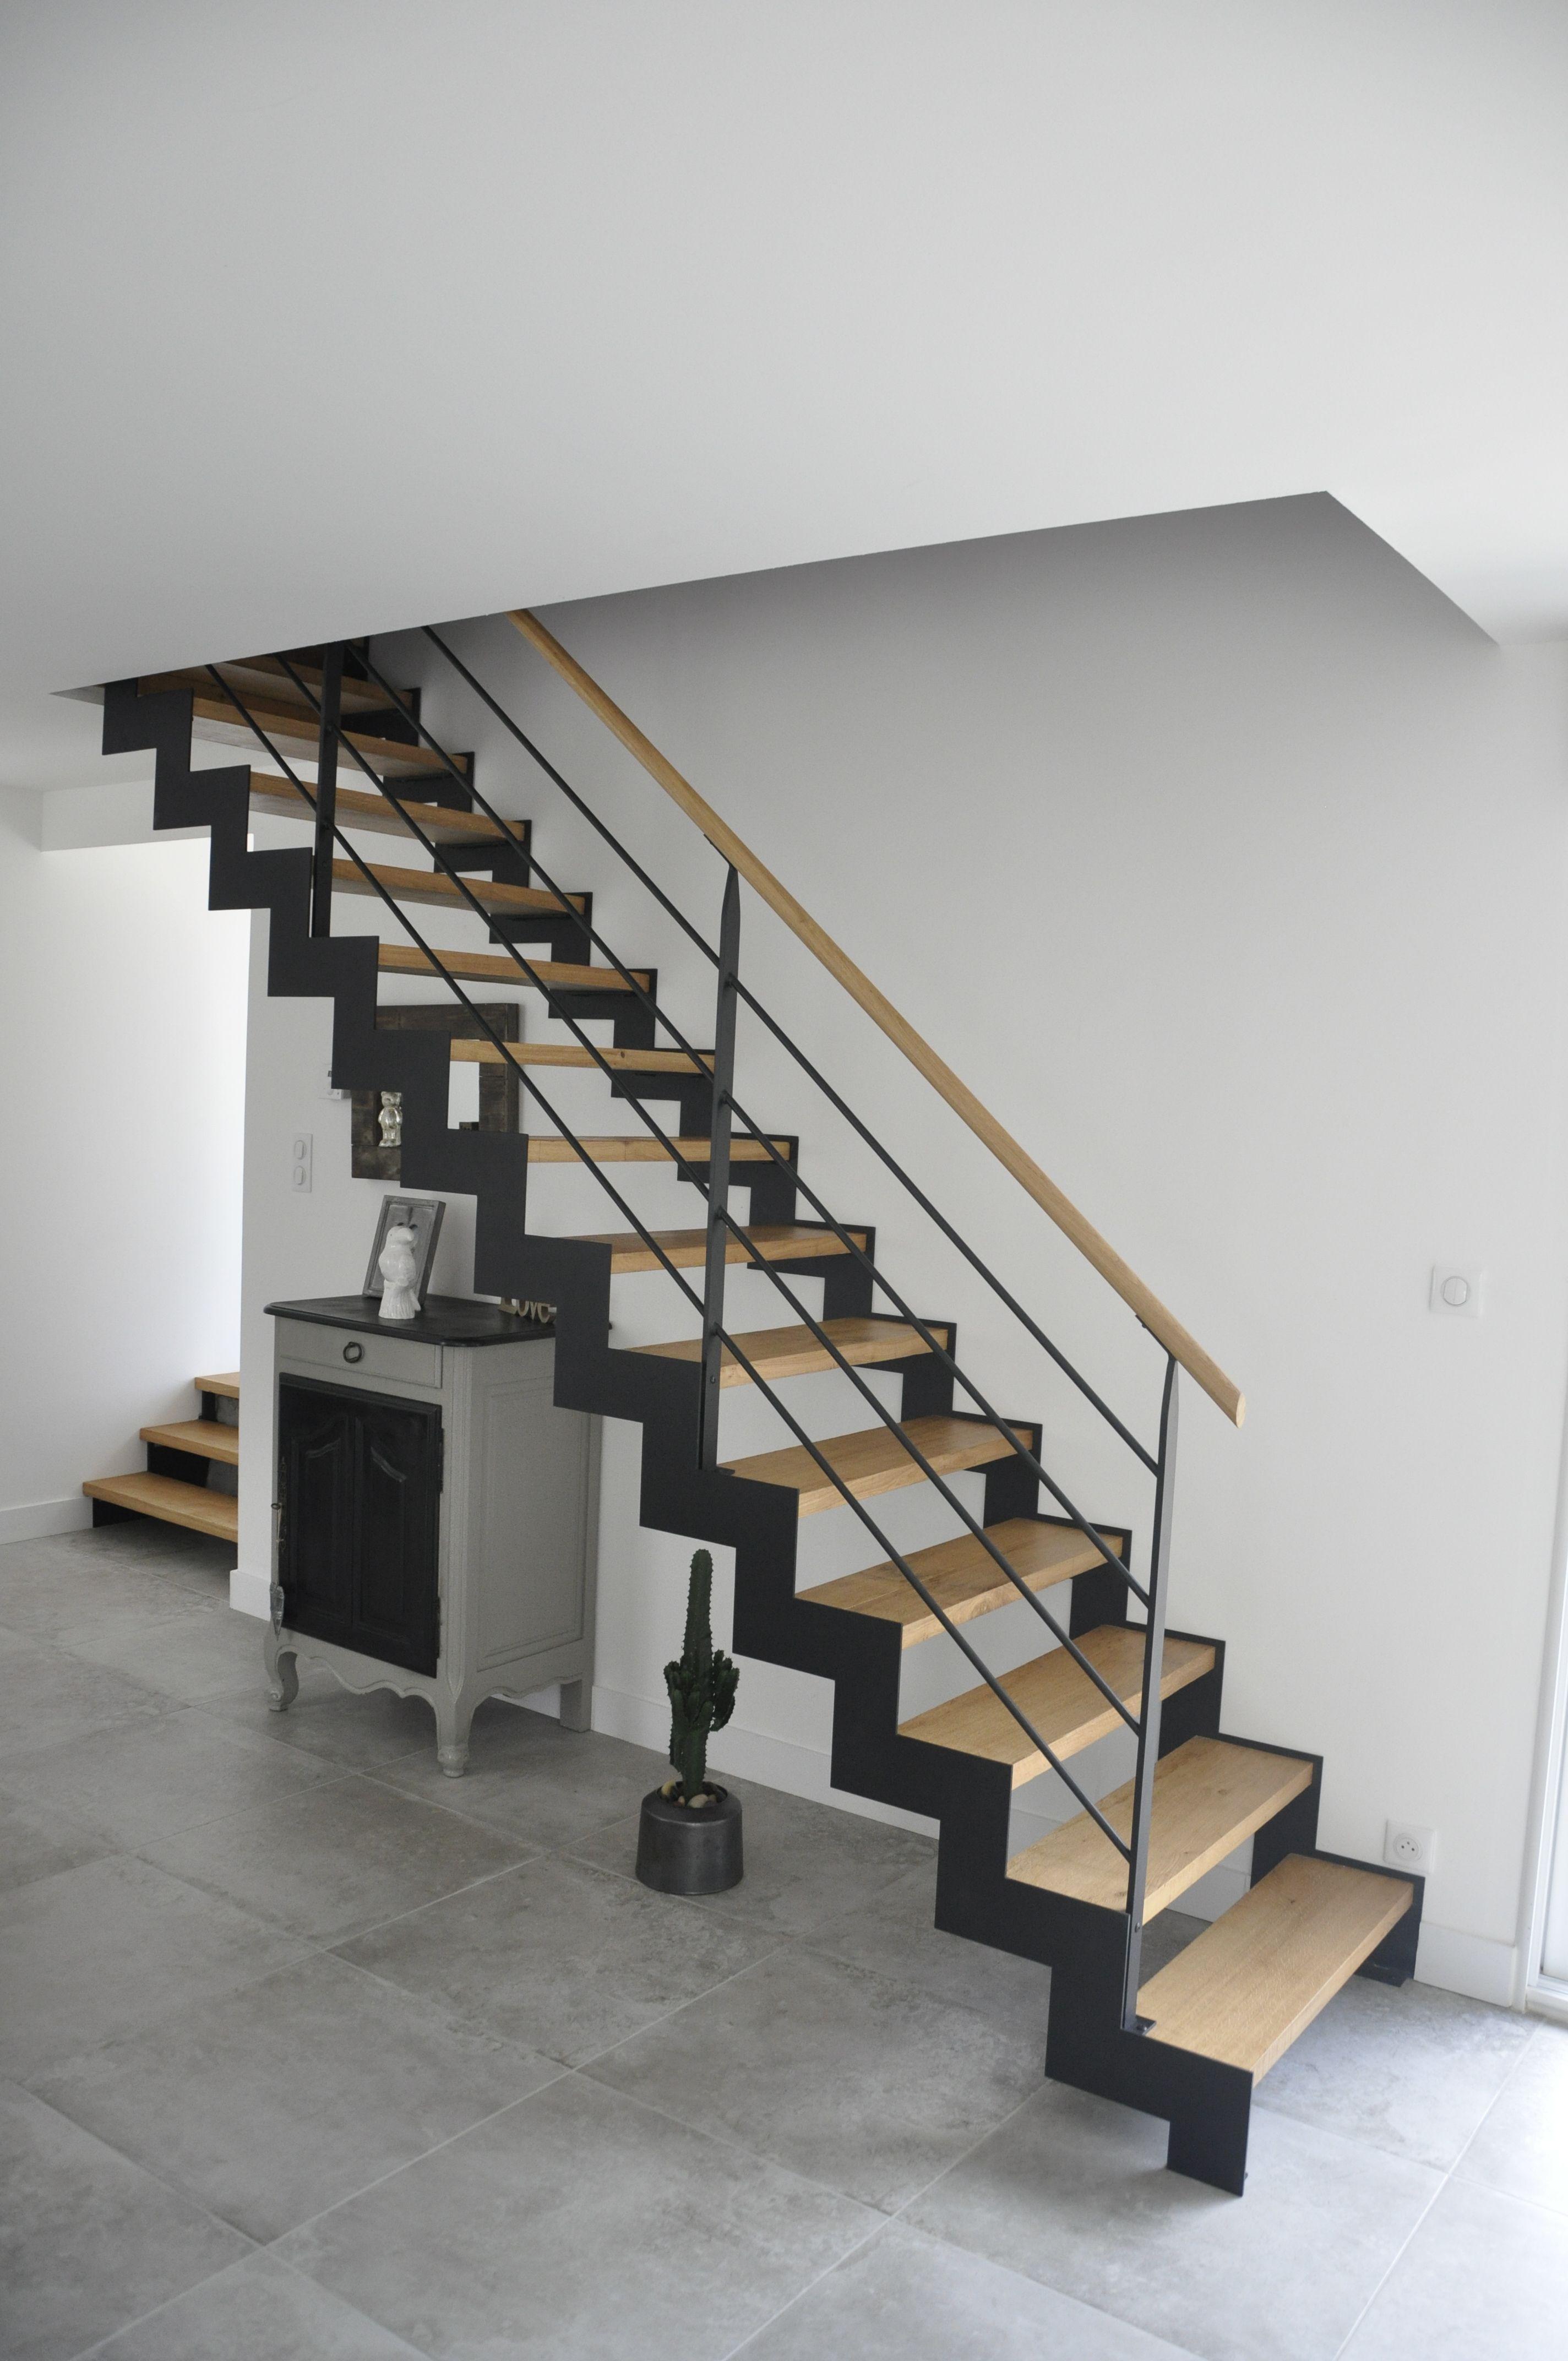 Escalier Bois Metal Noir escalier bois métal crémaillère noir sablé